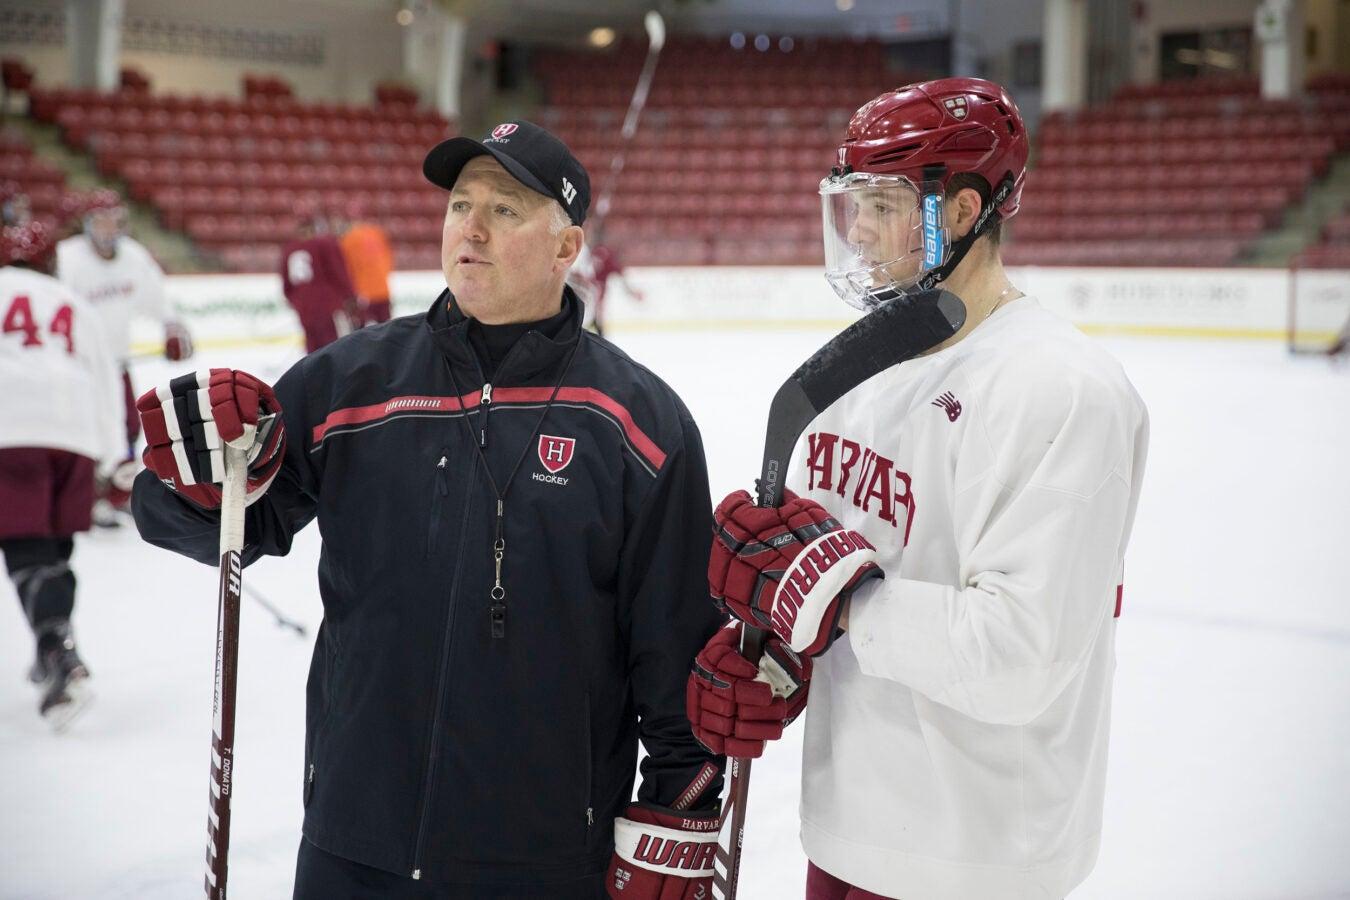 Ryan Donato and his father Ted Donato,